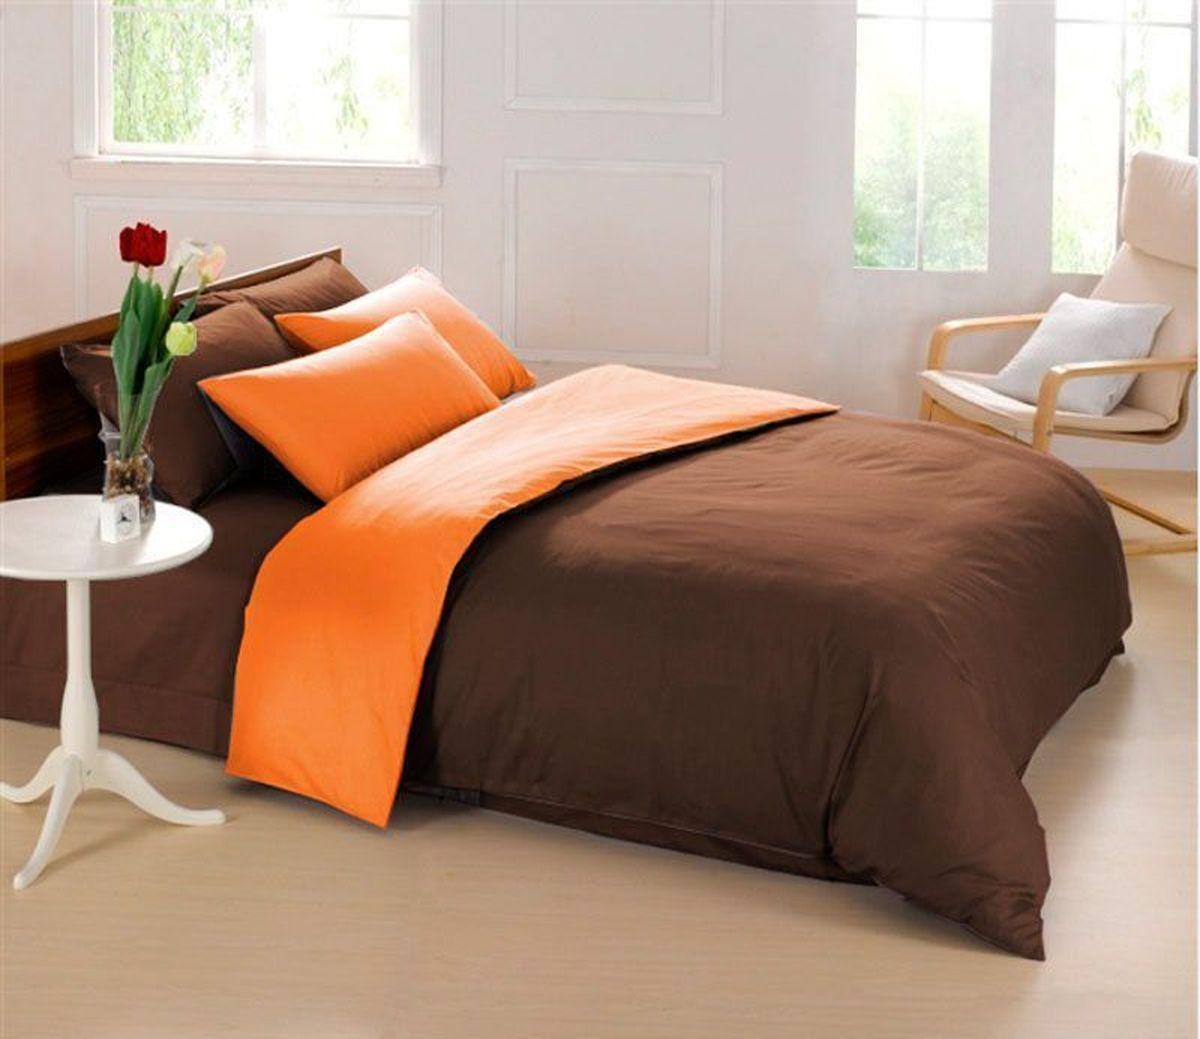 Комплект белья Sleep iX Perfection, семейный, наволочки 50х70, 70х70, цвет: оранжевый, темно-коричневыйFD 992Комплект постельного белья Sleep iX Perfection состоит из двух пододеяльников, простыни и четырех наволочек. Предметы комплекта выполнены из абсолютно гипоаллергенной микрофибры, неприхотливой в уходе.Благодаря такому комплекту постельного белья вы сможете создать атмосферу уюта и комфорта в вашей спальне.Известно, что цвет напрямую воздействует на психологическое и физическое состояние человека. Оранжевый – вызывает ощущение теплоты, бодрости, веселья, создает хорошее настроение. Оранжевый омолаживает, возбуждает аппетит, способствует оптимистическому настрою и гармонии с окружающей средой.Коричневый - спокойный и сдержанный цвет. Вызывает ощущение тепла, способствует созданию спокойного мягкого настроения. Это цвет надежности, прочности, здравого смысла.